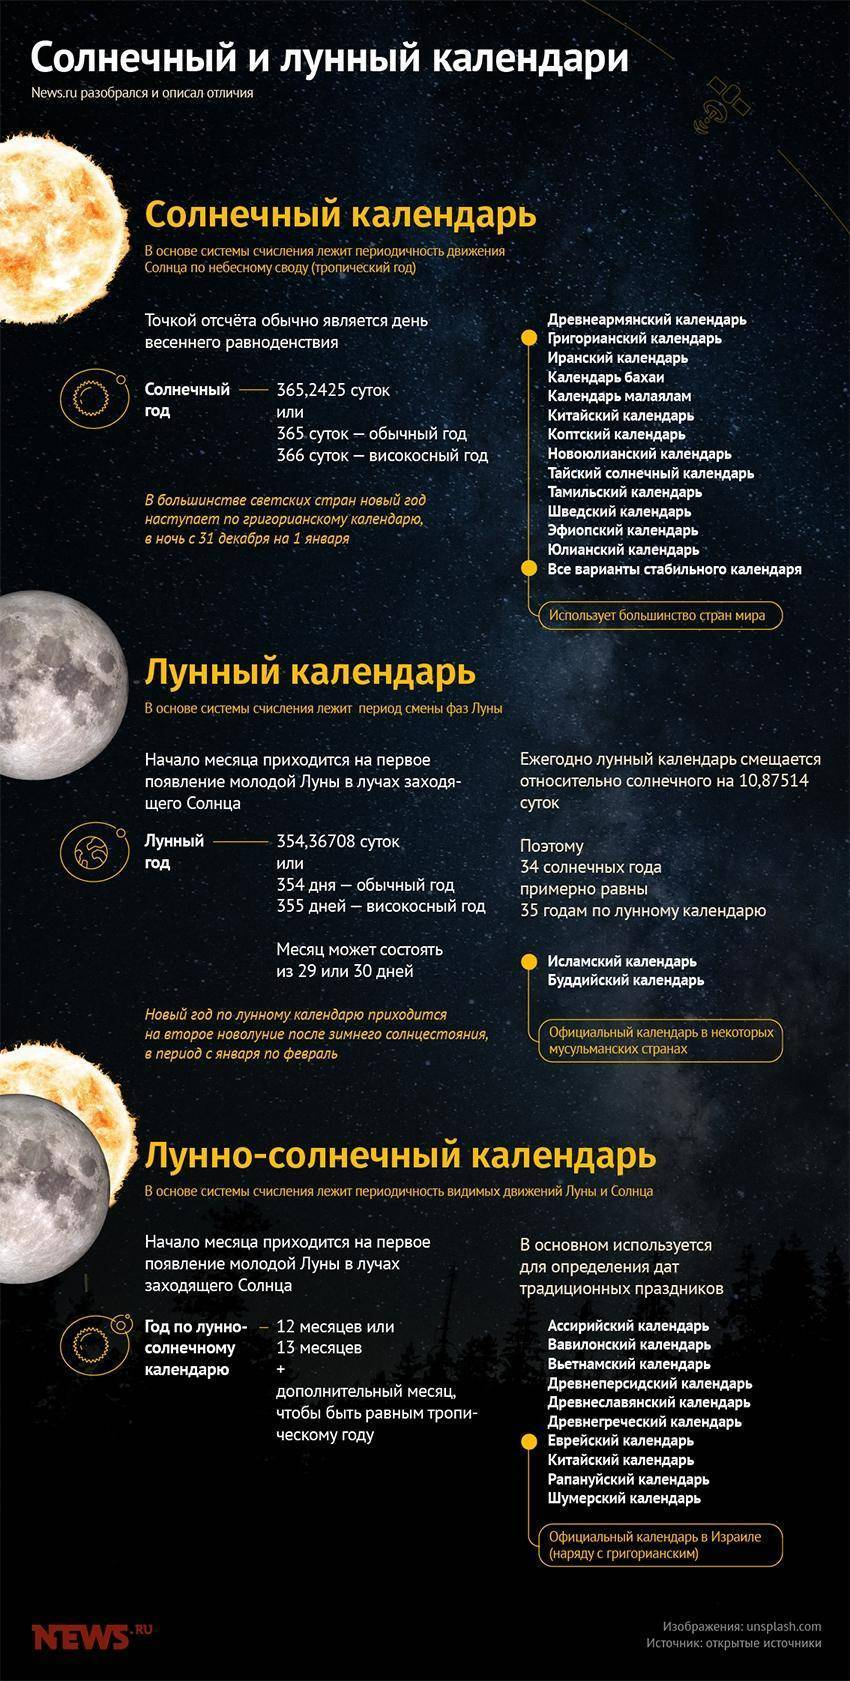 Лунный календарь и рекомендации на каждые лунные сутки